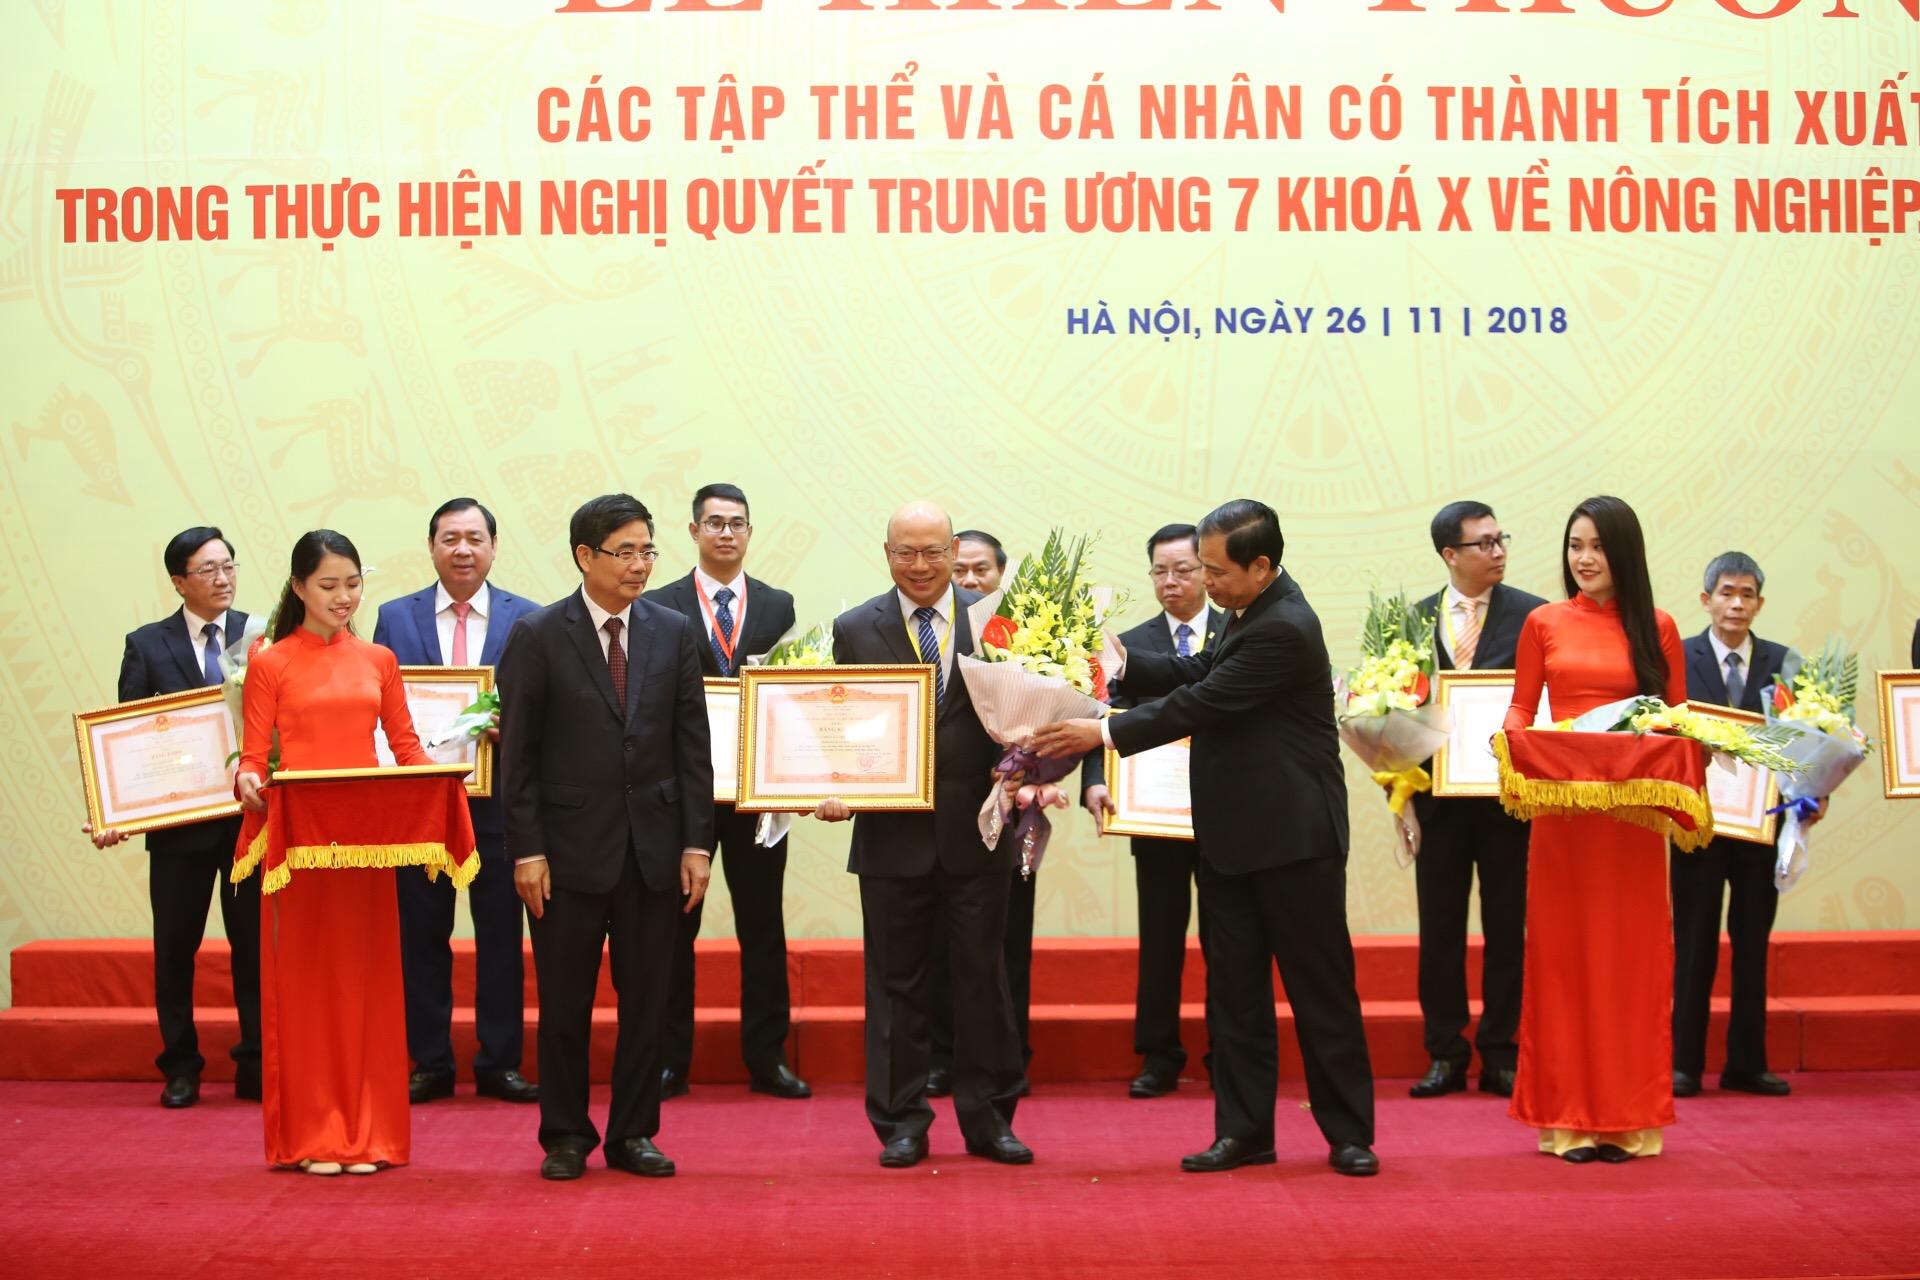 Vinamilk nhận bằng khen của Thủ tướng Chính Phủ về phát triển tam nông bền vững - Ảnh 1